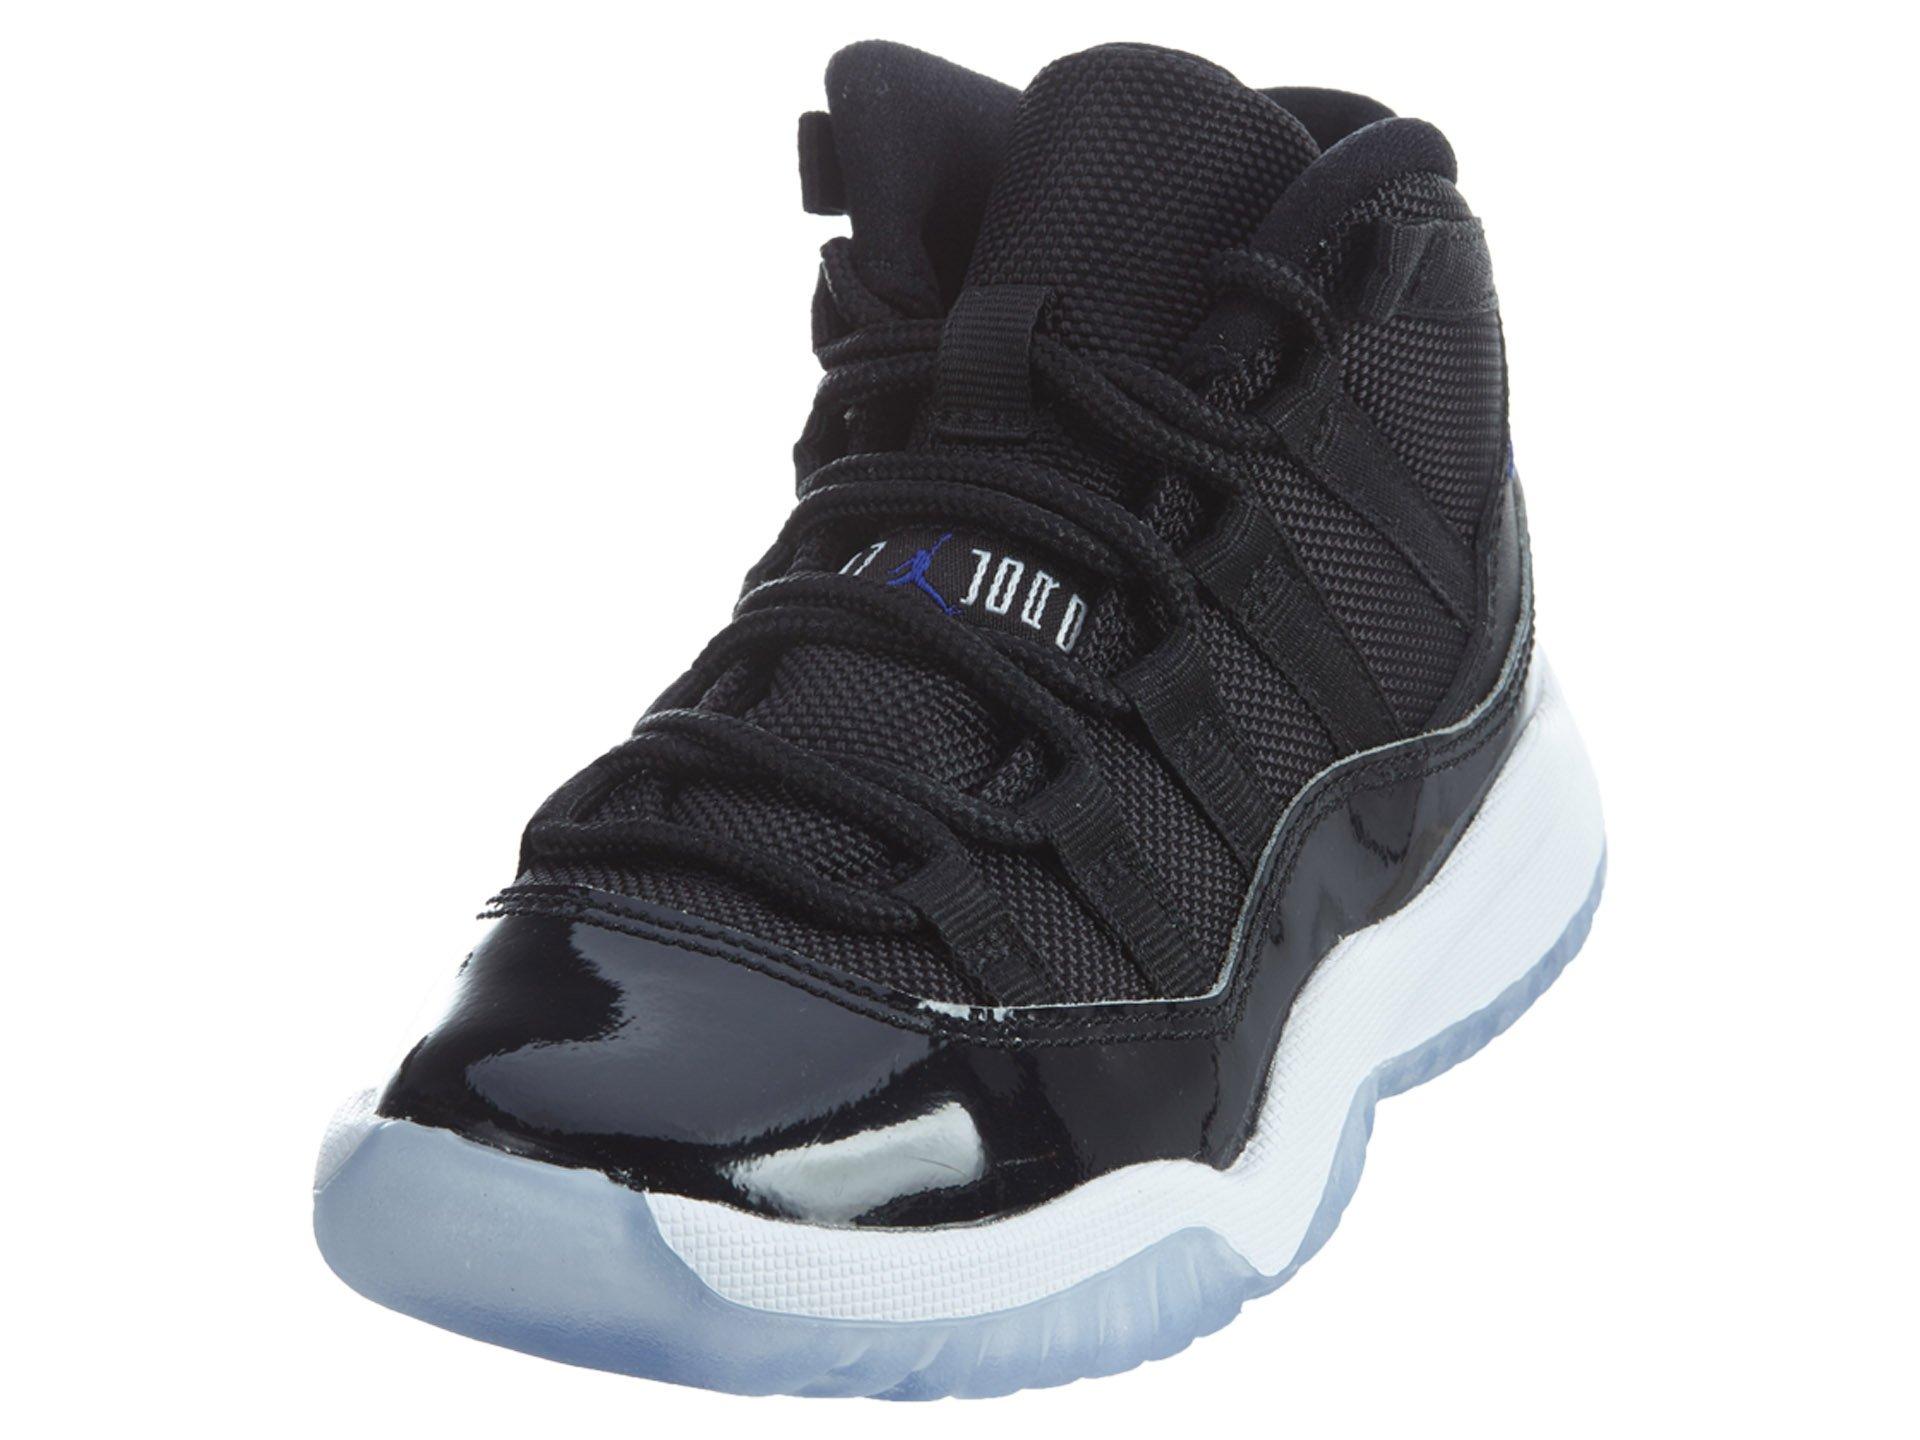 Jordan 11 RETRO BP boys fashion-sneakers 378039-003_1.5Y - BLACK/CONCORD-WHITE